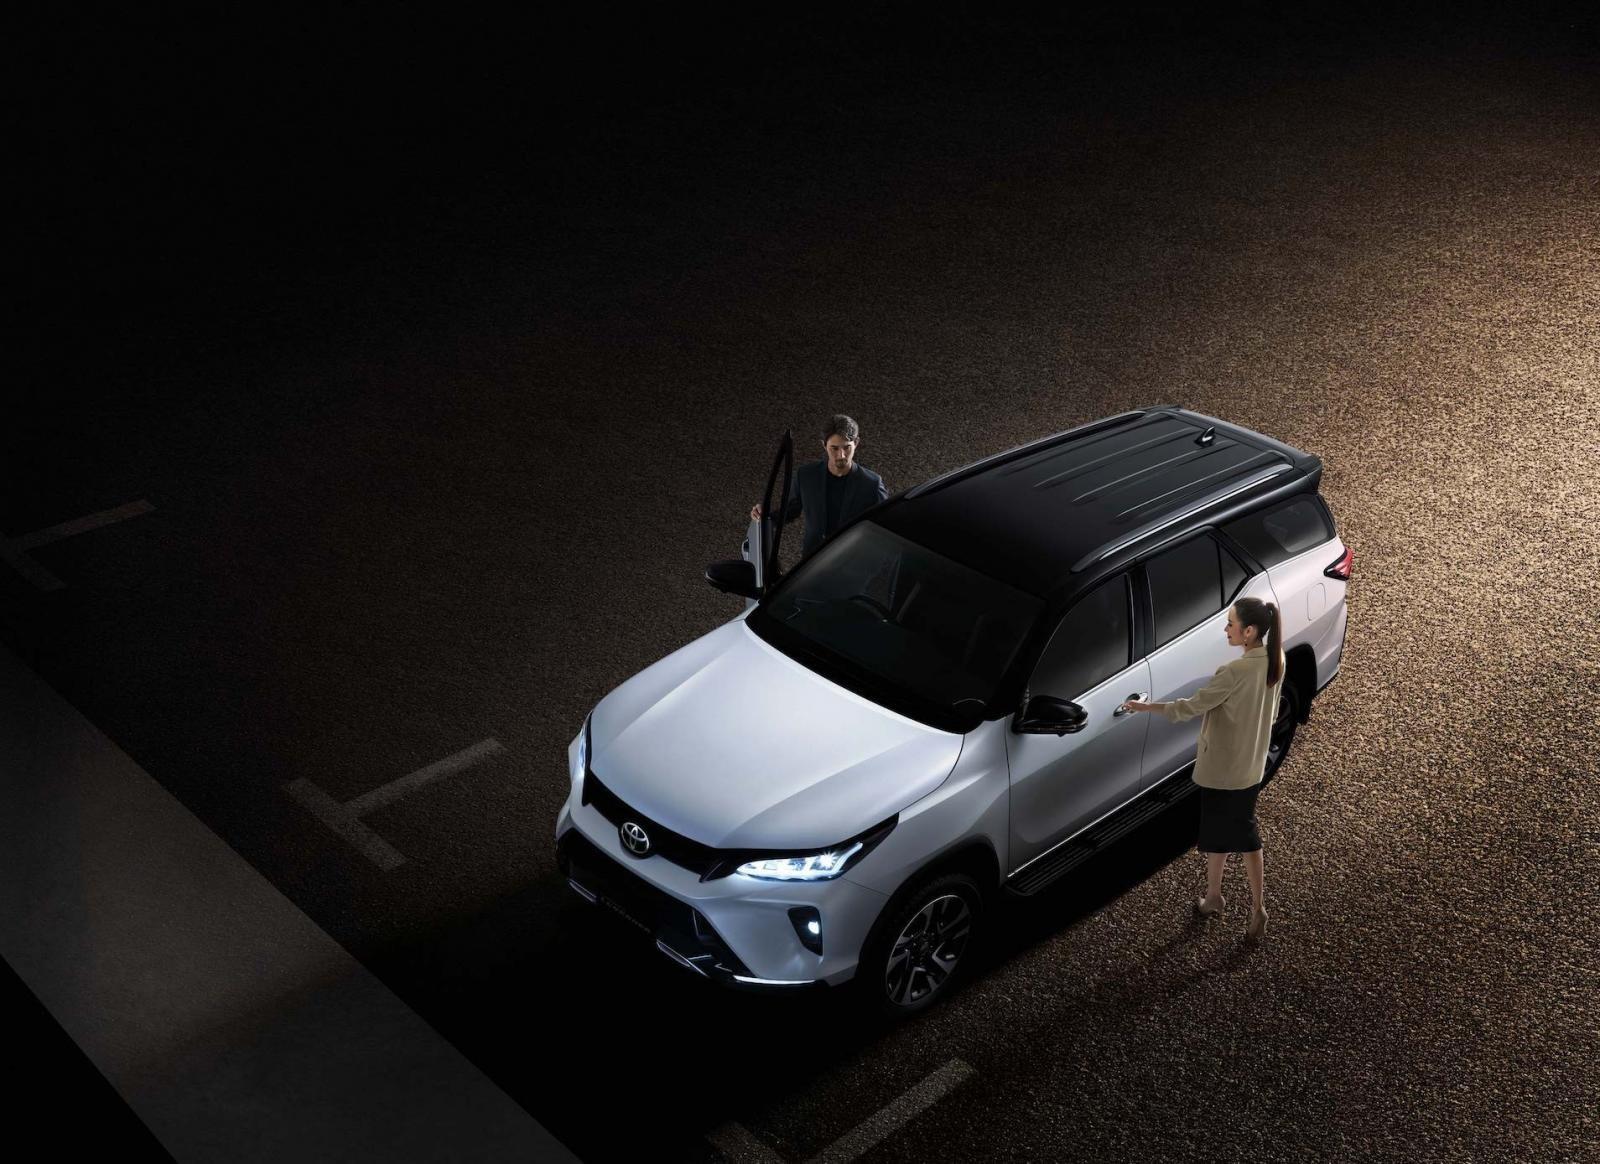 Ảnh chi tiết Toyota Fortuner Legender 2021 hoàn toàn mới vừa mở bán tại Thái Lan a4